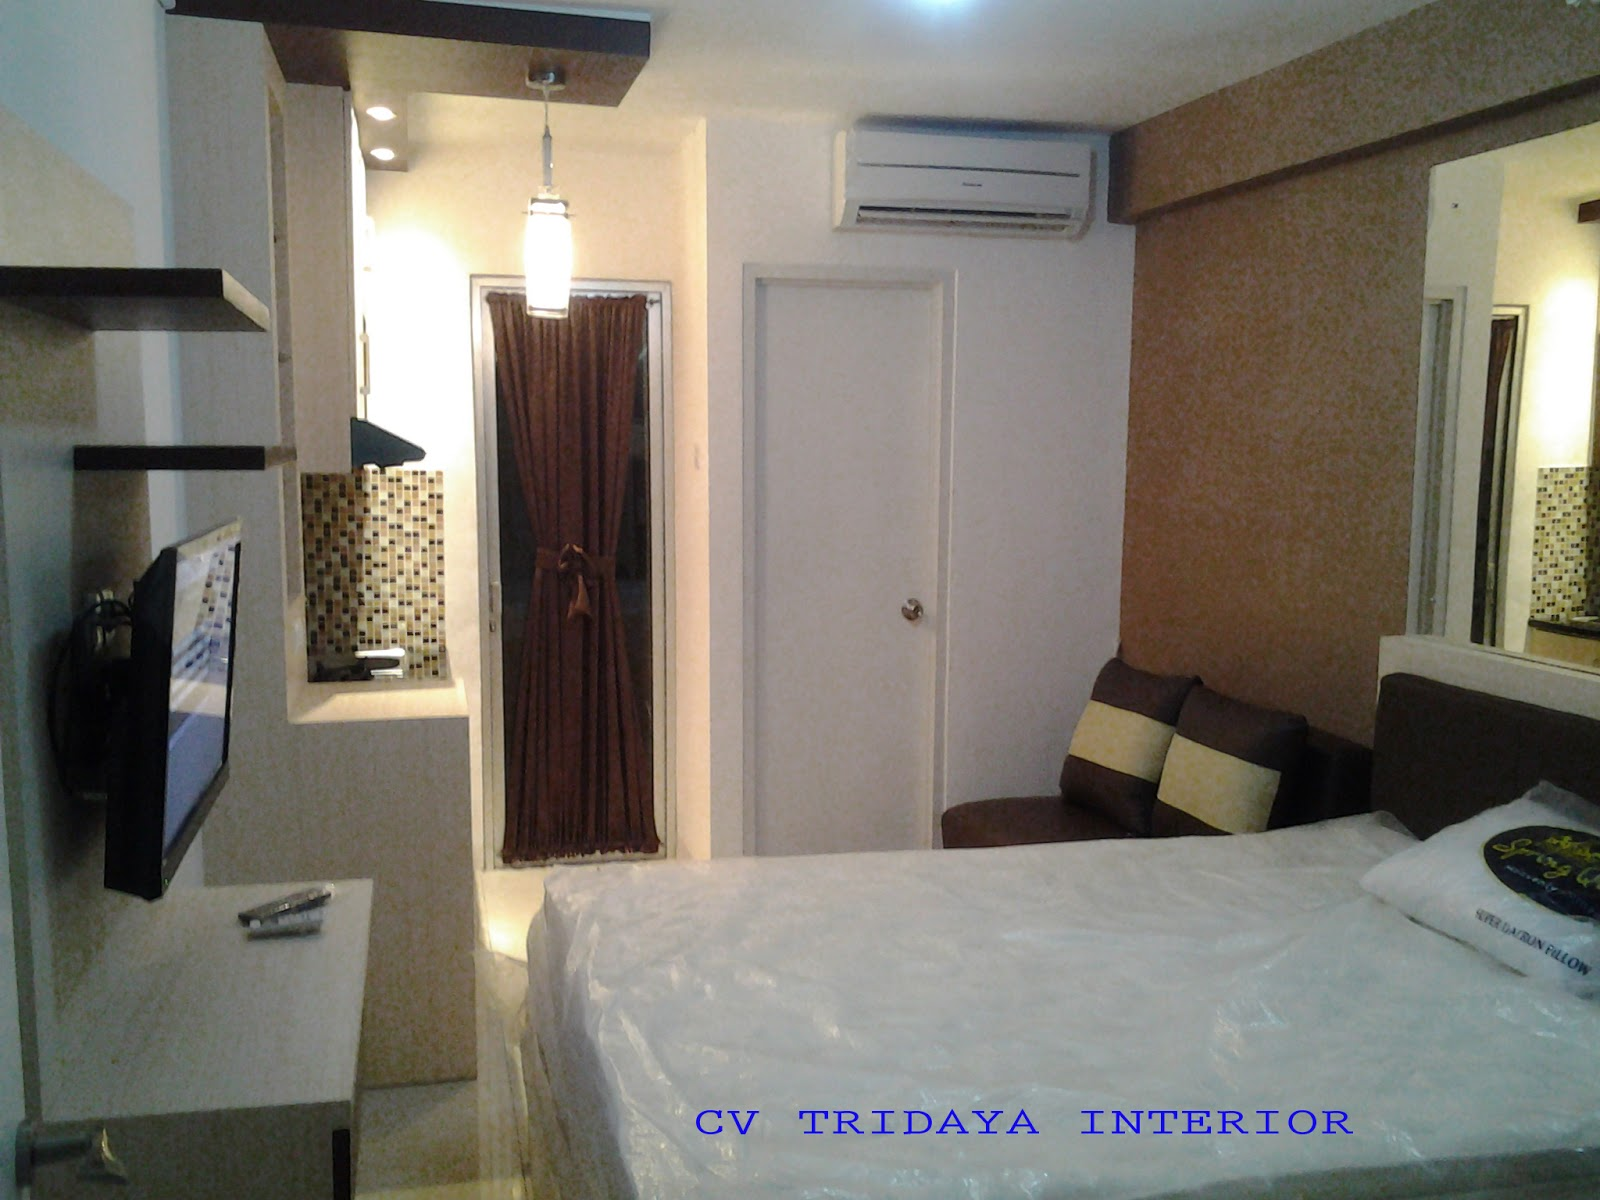 CV TRIDAYA INTERIOR INTERIOR APARTEMEN STUDIO